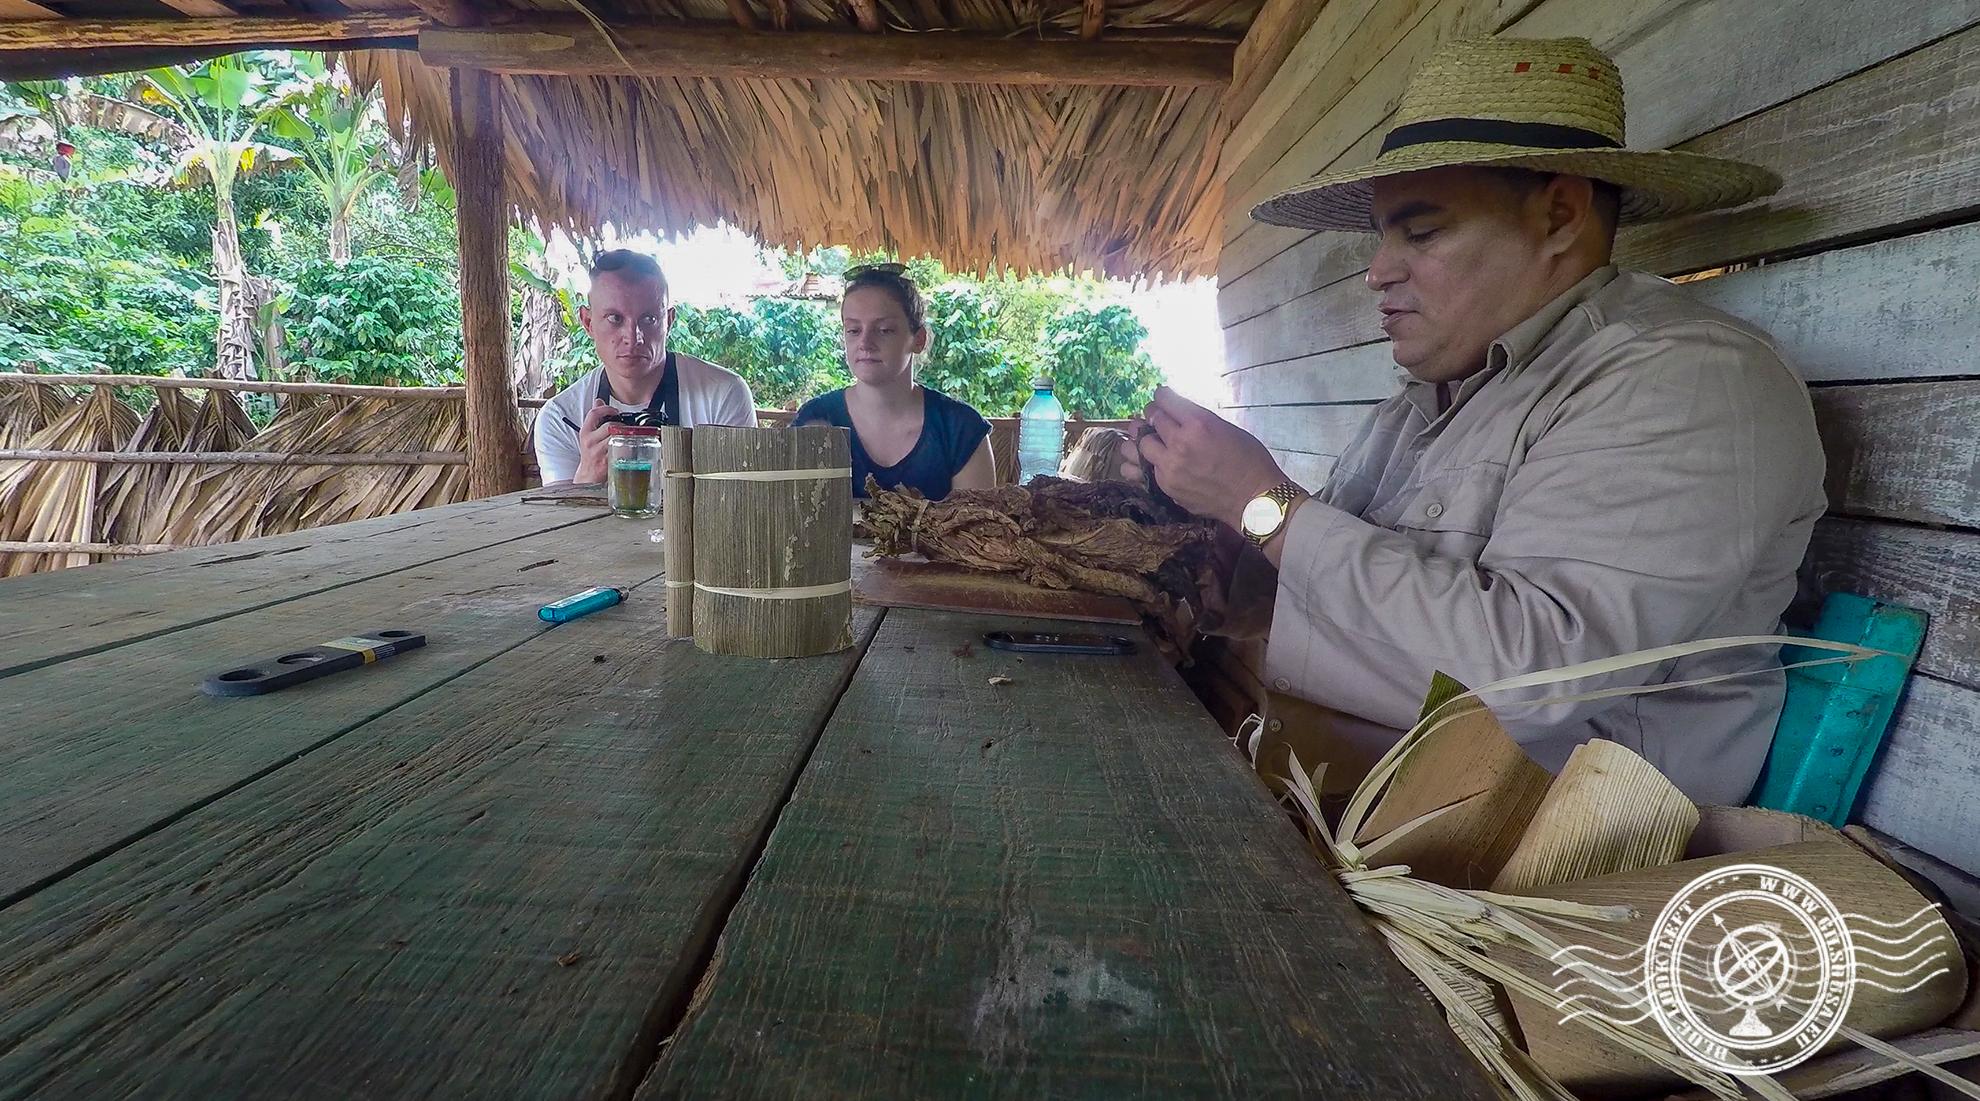 Farmer hand-rolling a cigar